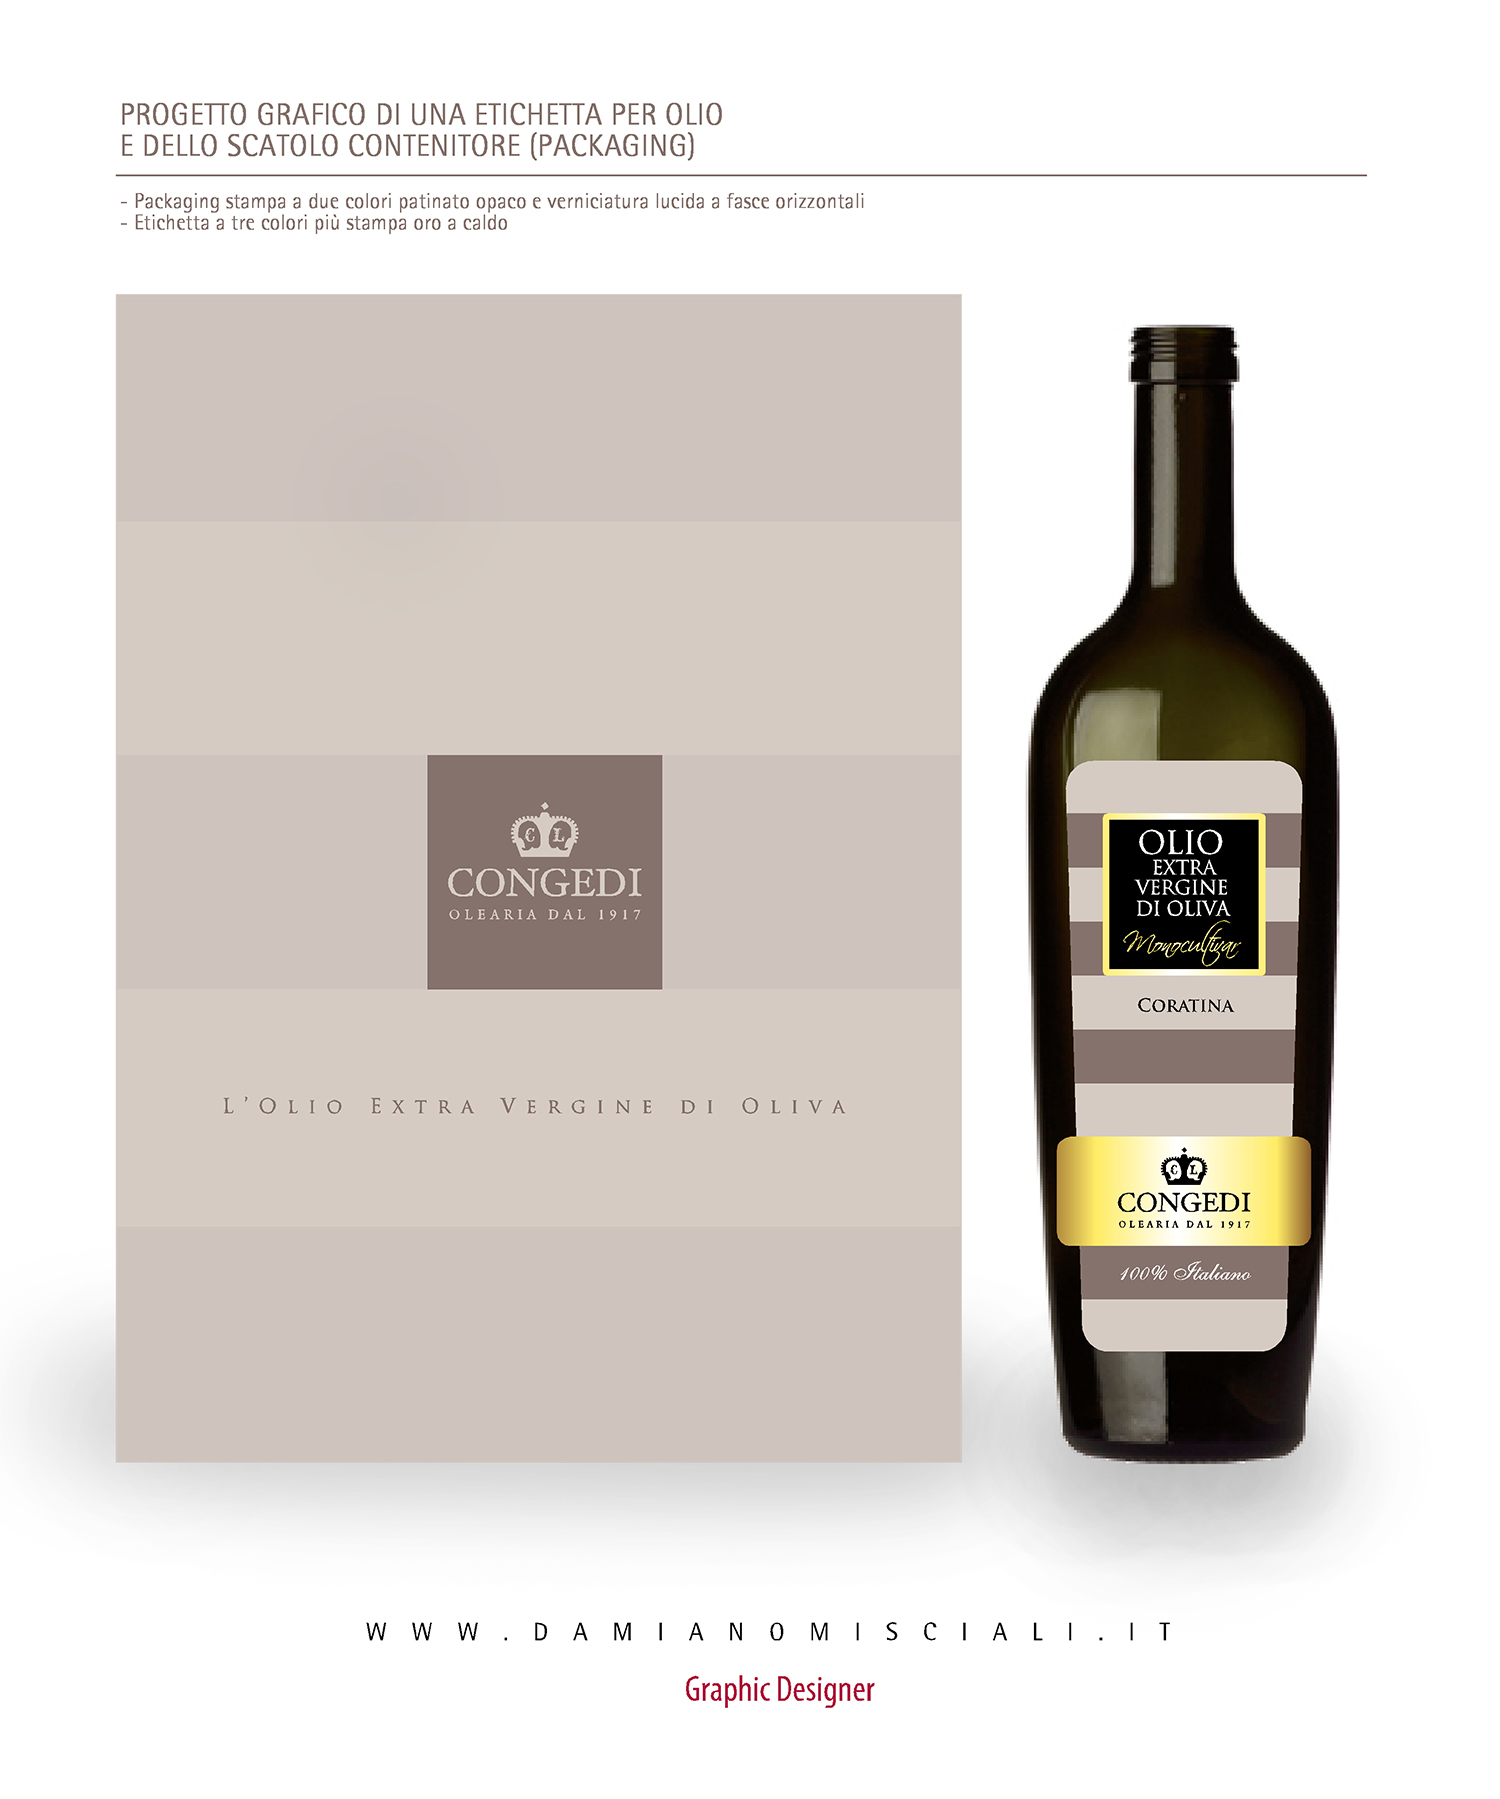 scatola bottiglia Progetto Etichetta e Packaging Olio Congedi   Ugento (Lecce)